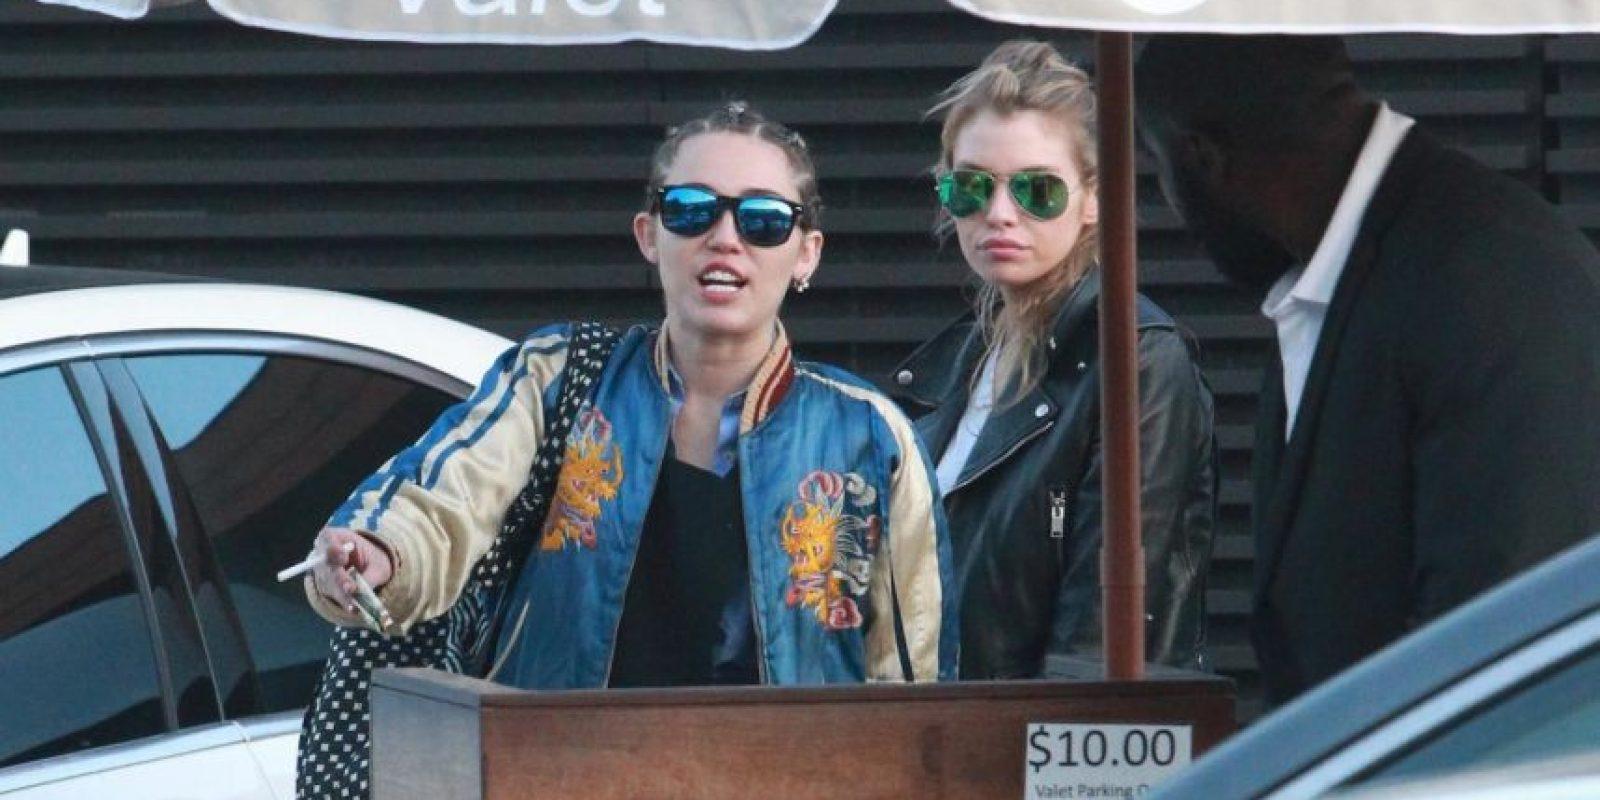 Aunque Miley Cyrus y Stella Maxwell no han confirmado su romance, se les ha visto muy juntas. Foto:Grosby Group